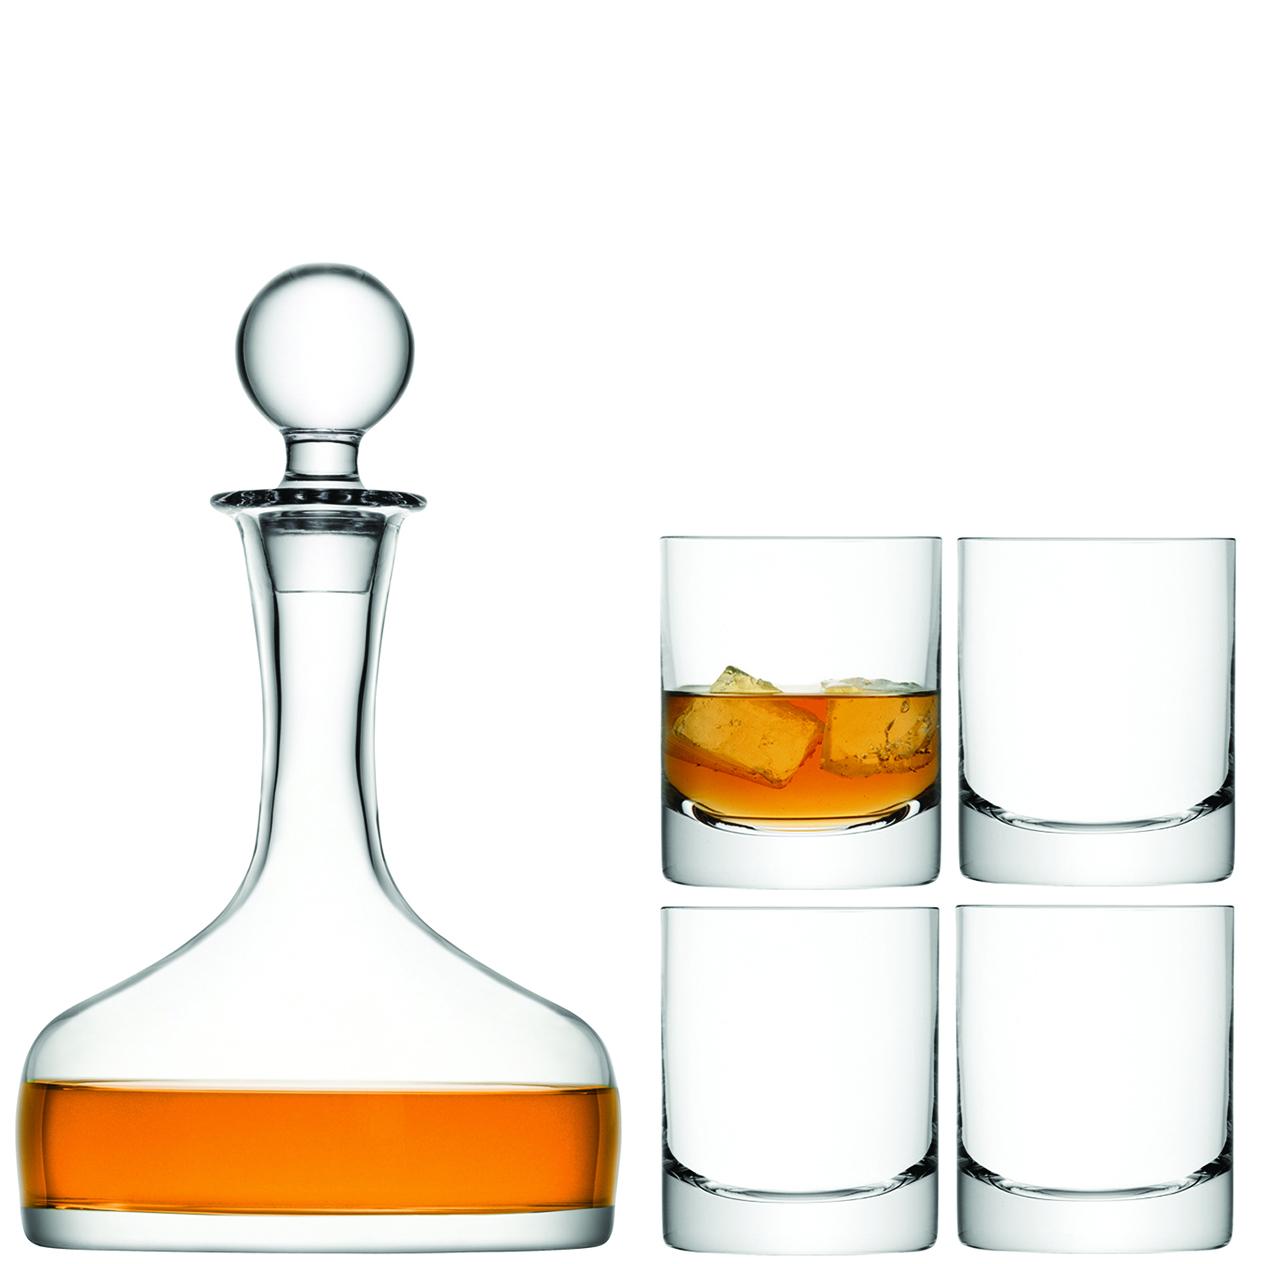 LSA INTERNATIONAL LSA dárkový set Whisky, 4 sklenice (250ml), karafa (1,6l), čiré